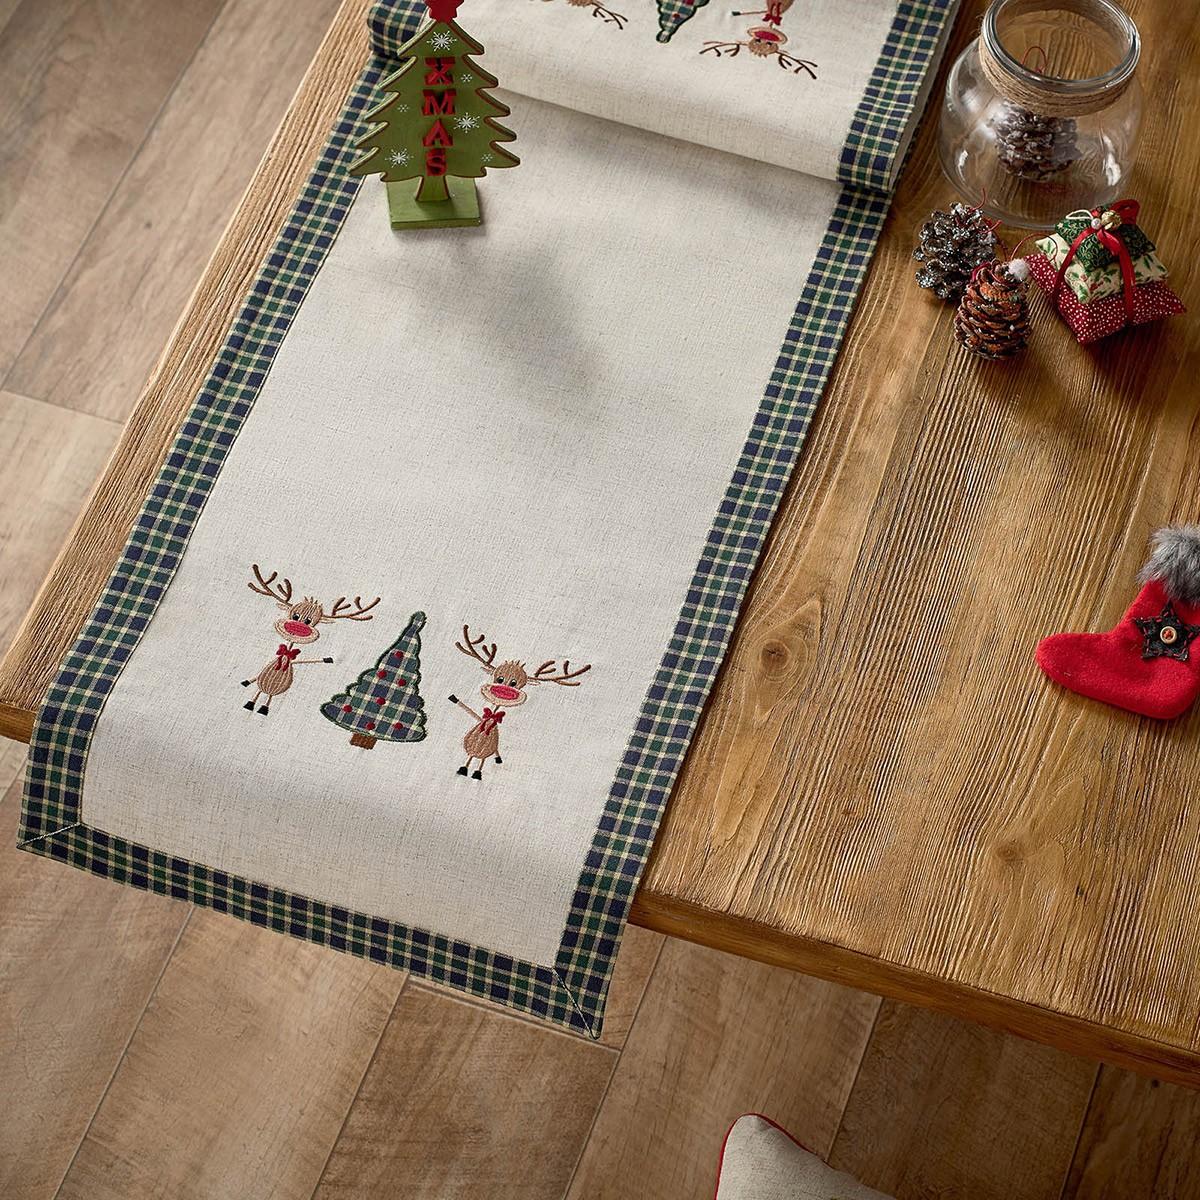 Χριστουγεννιάτικη Τραβέρσα Gofis Home 273